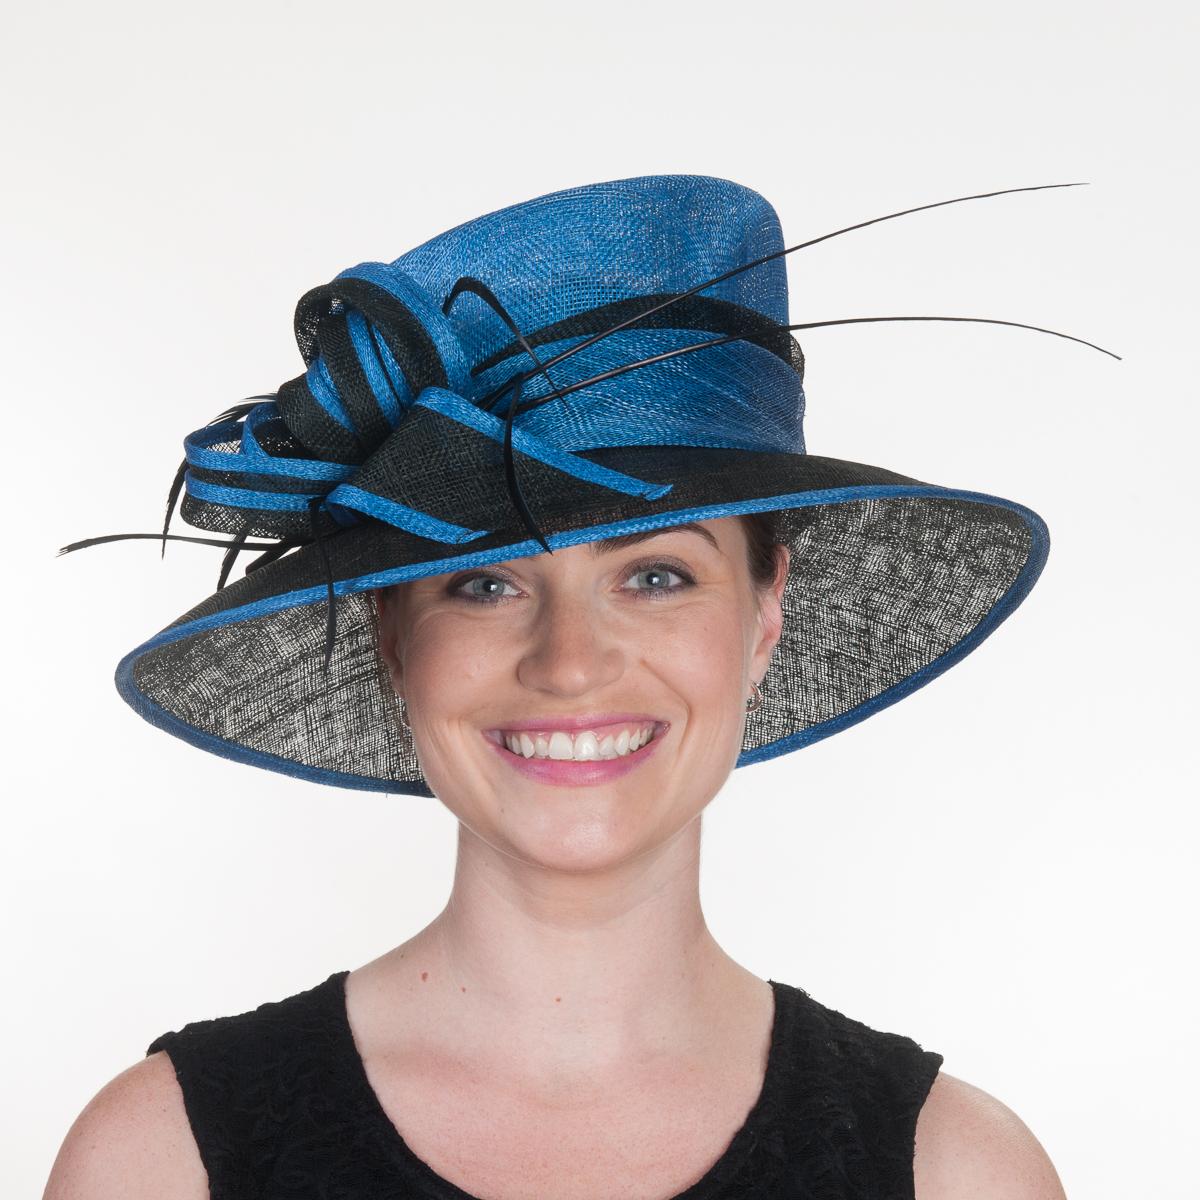 Royal Black Two Tone Bow Sailor Sinamay Hats 102577 Ry